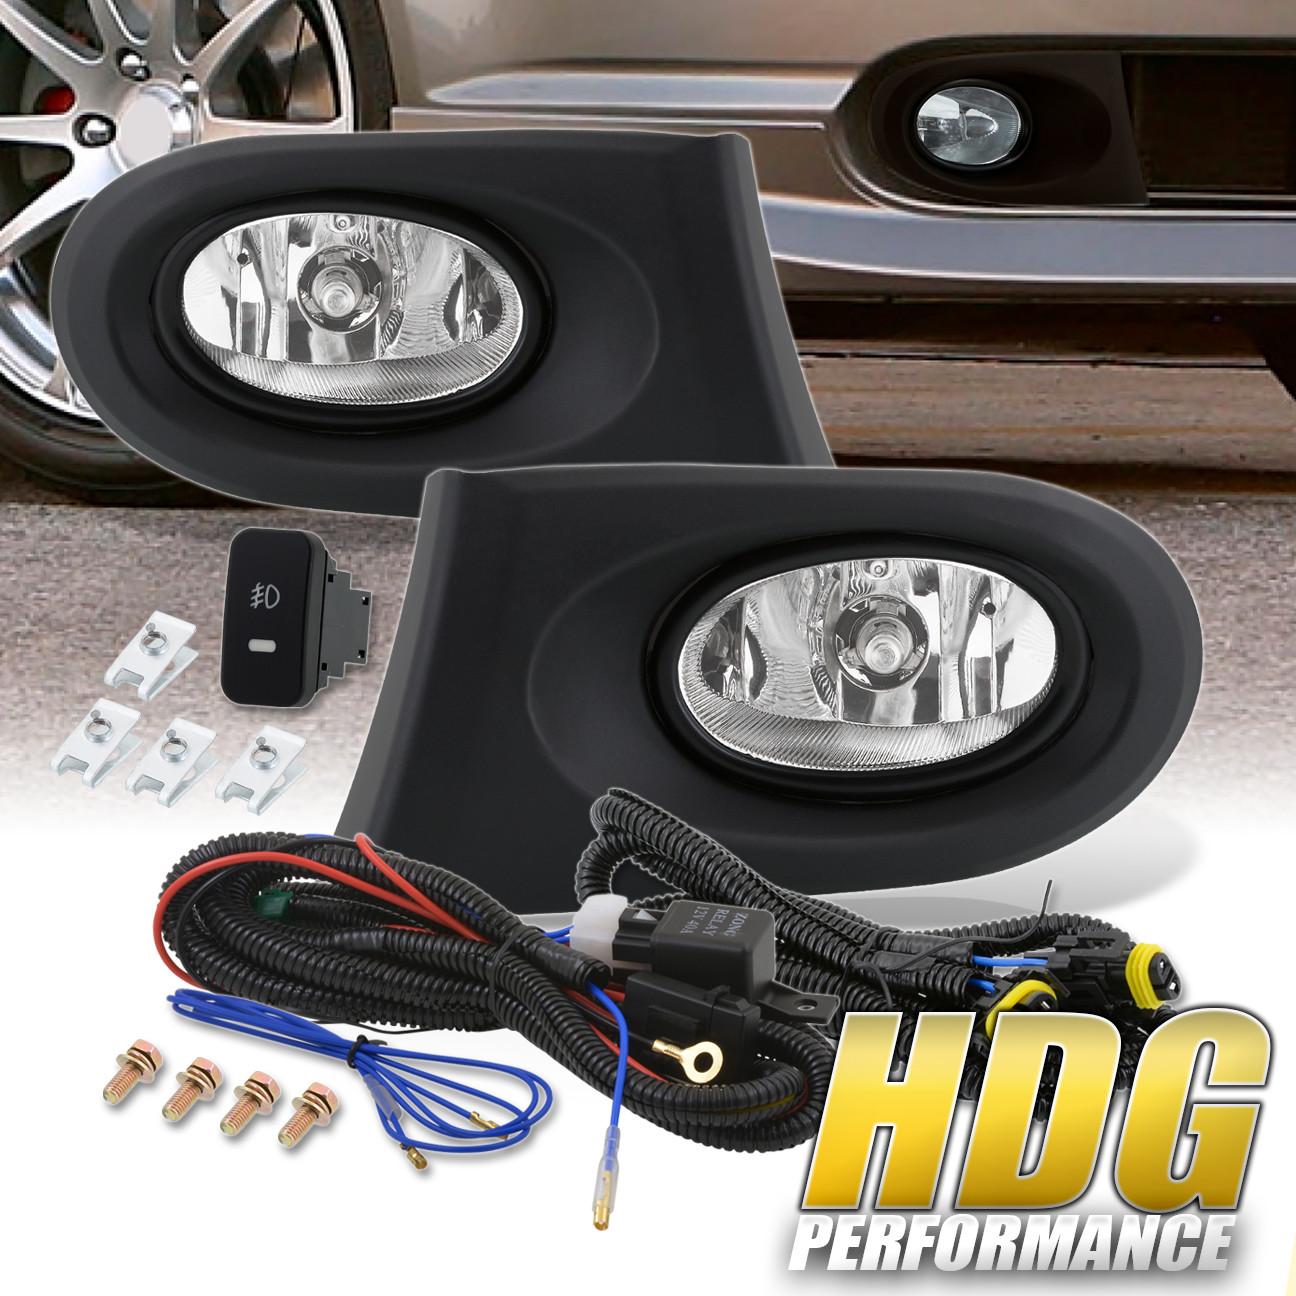 For 2002-2004 Acura Rsx Dc5 Type S Jdm Clear Len Fog Light